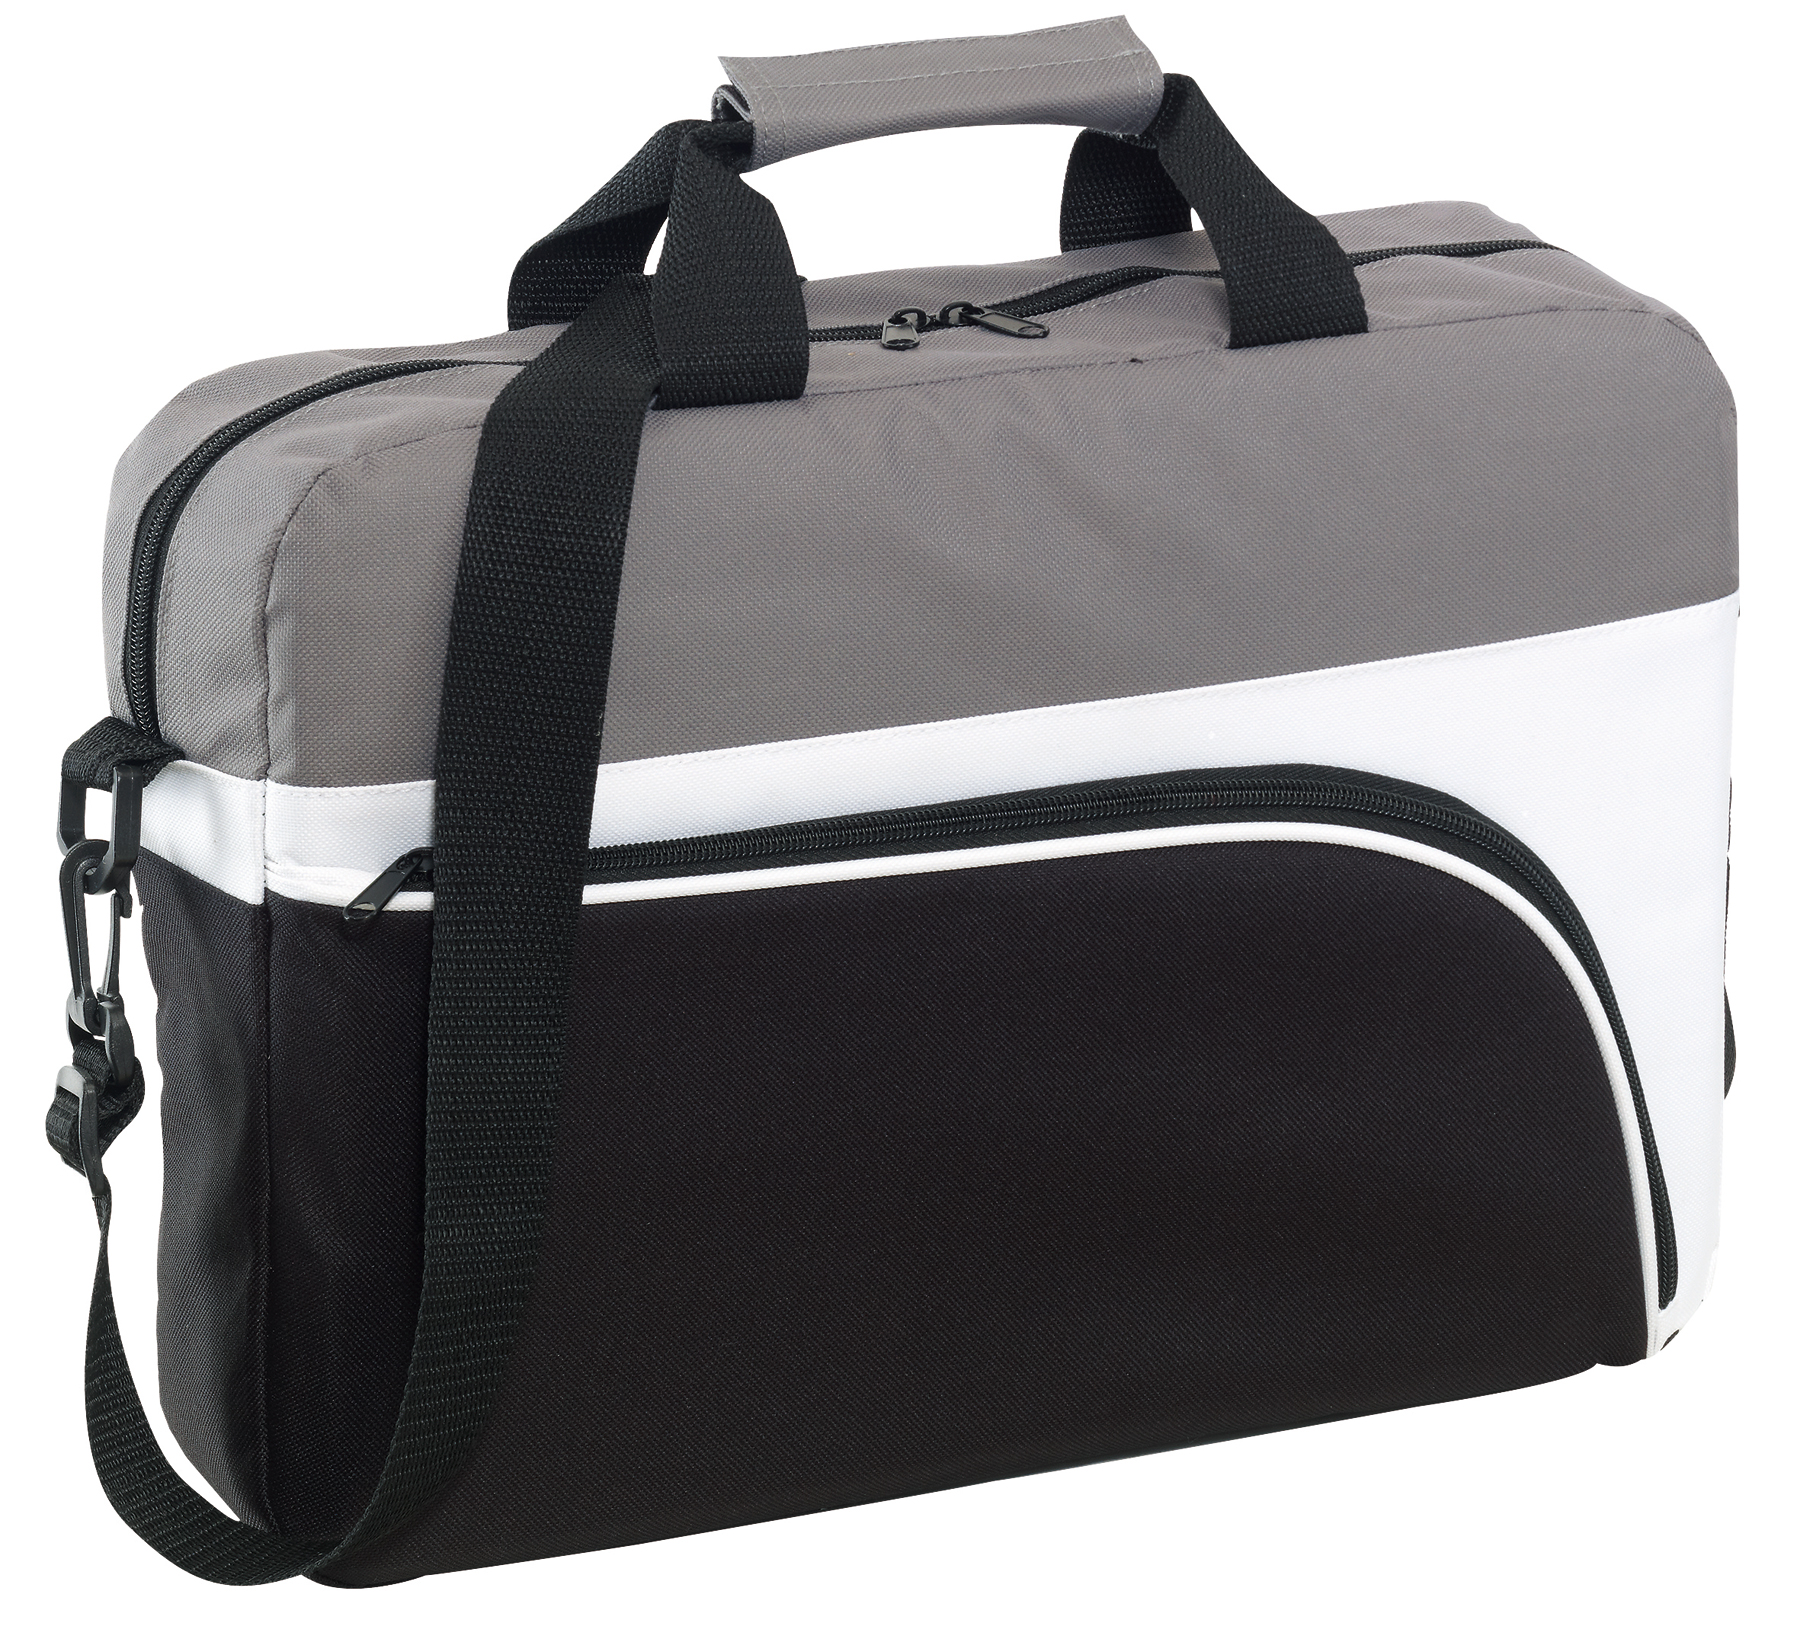 Torba na laptopa NARVIK, biały, czarny, szary